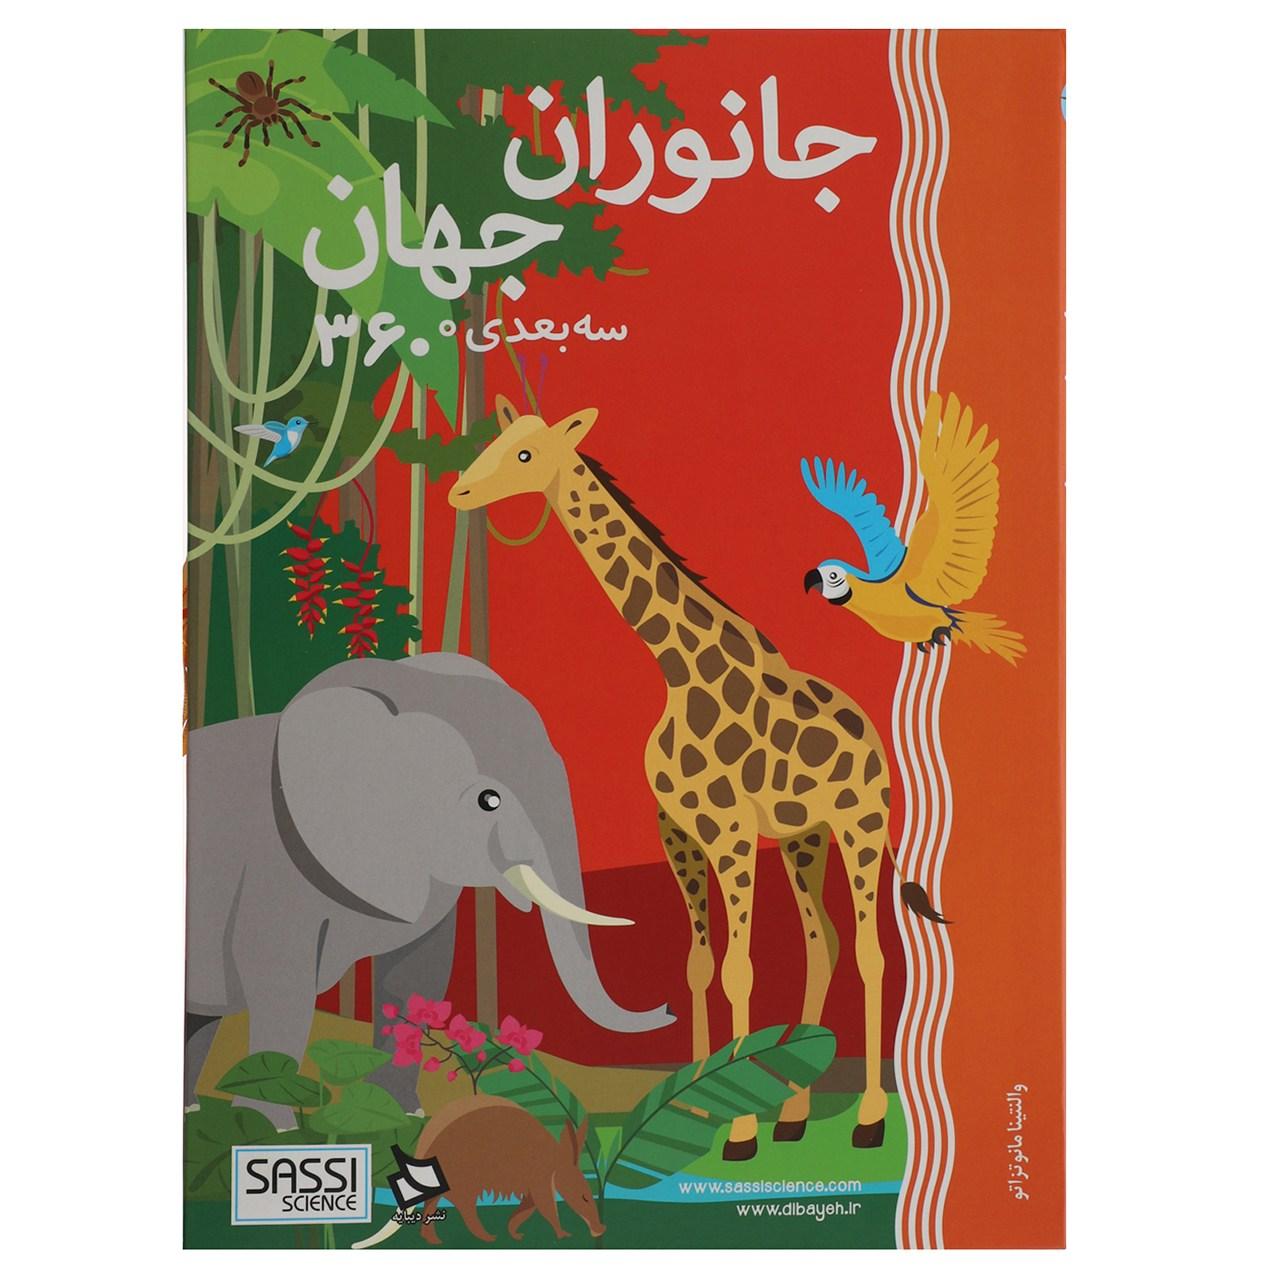 کتاب جانوران جهان سه بعدی